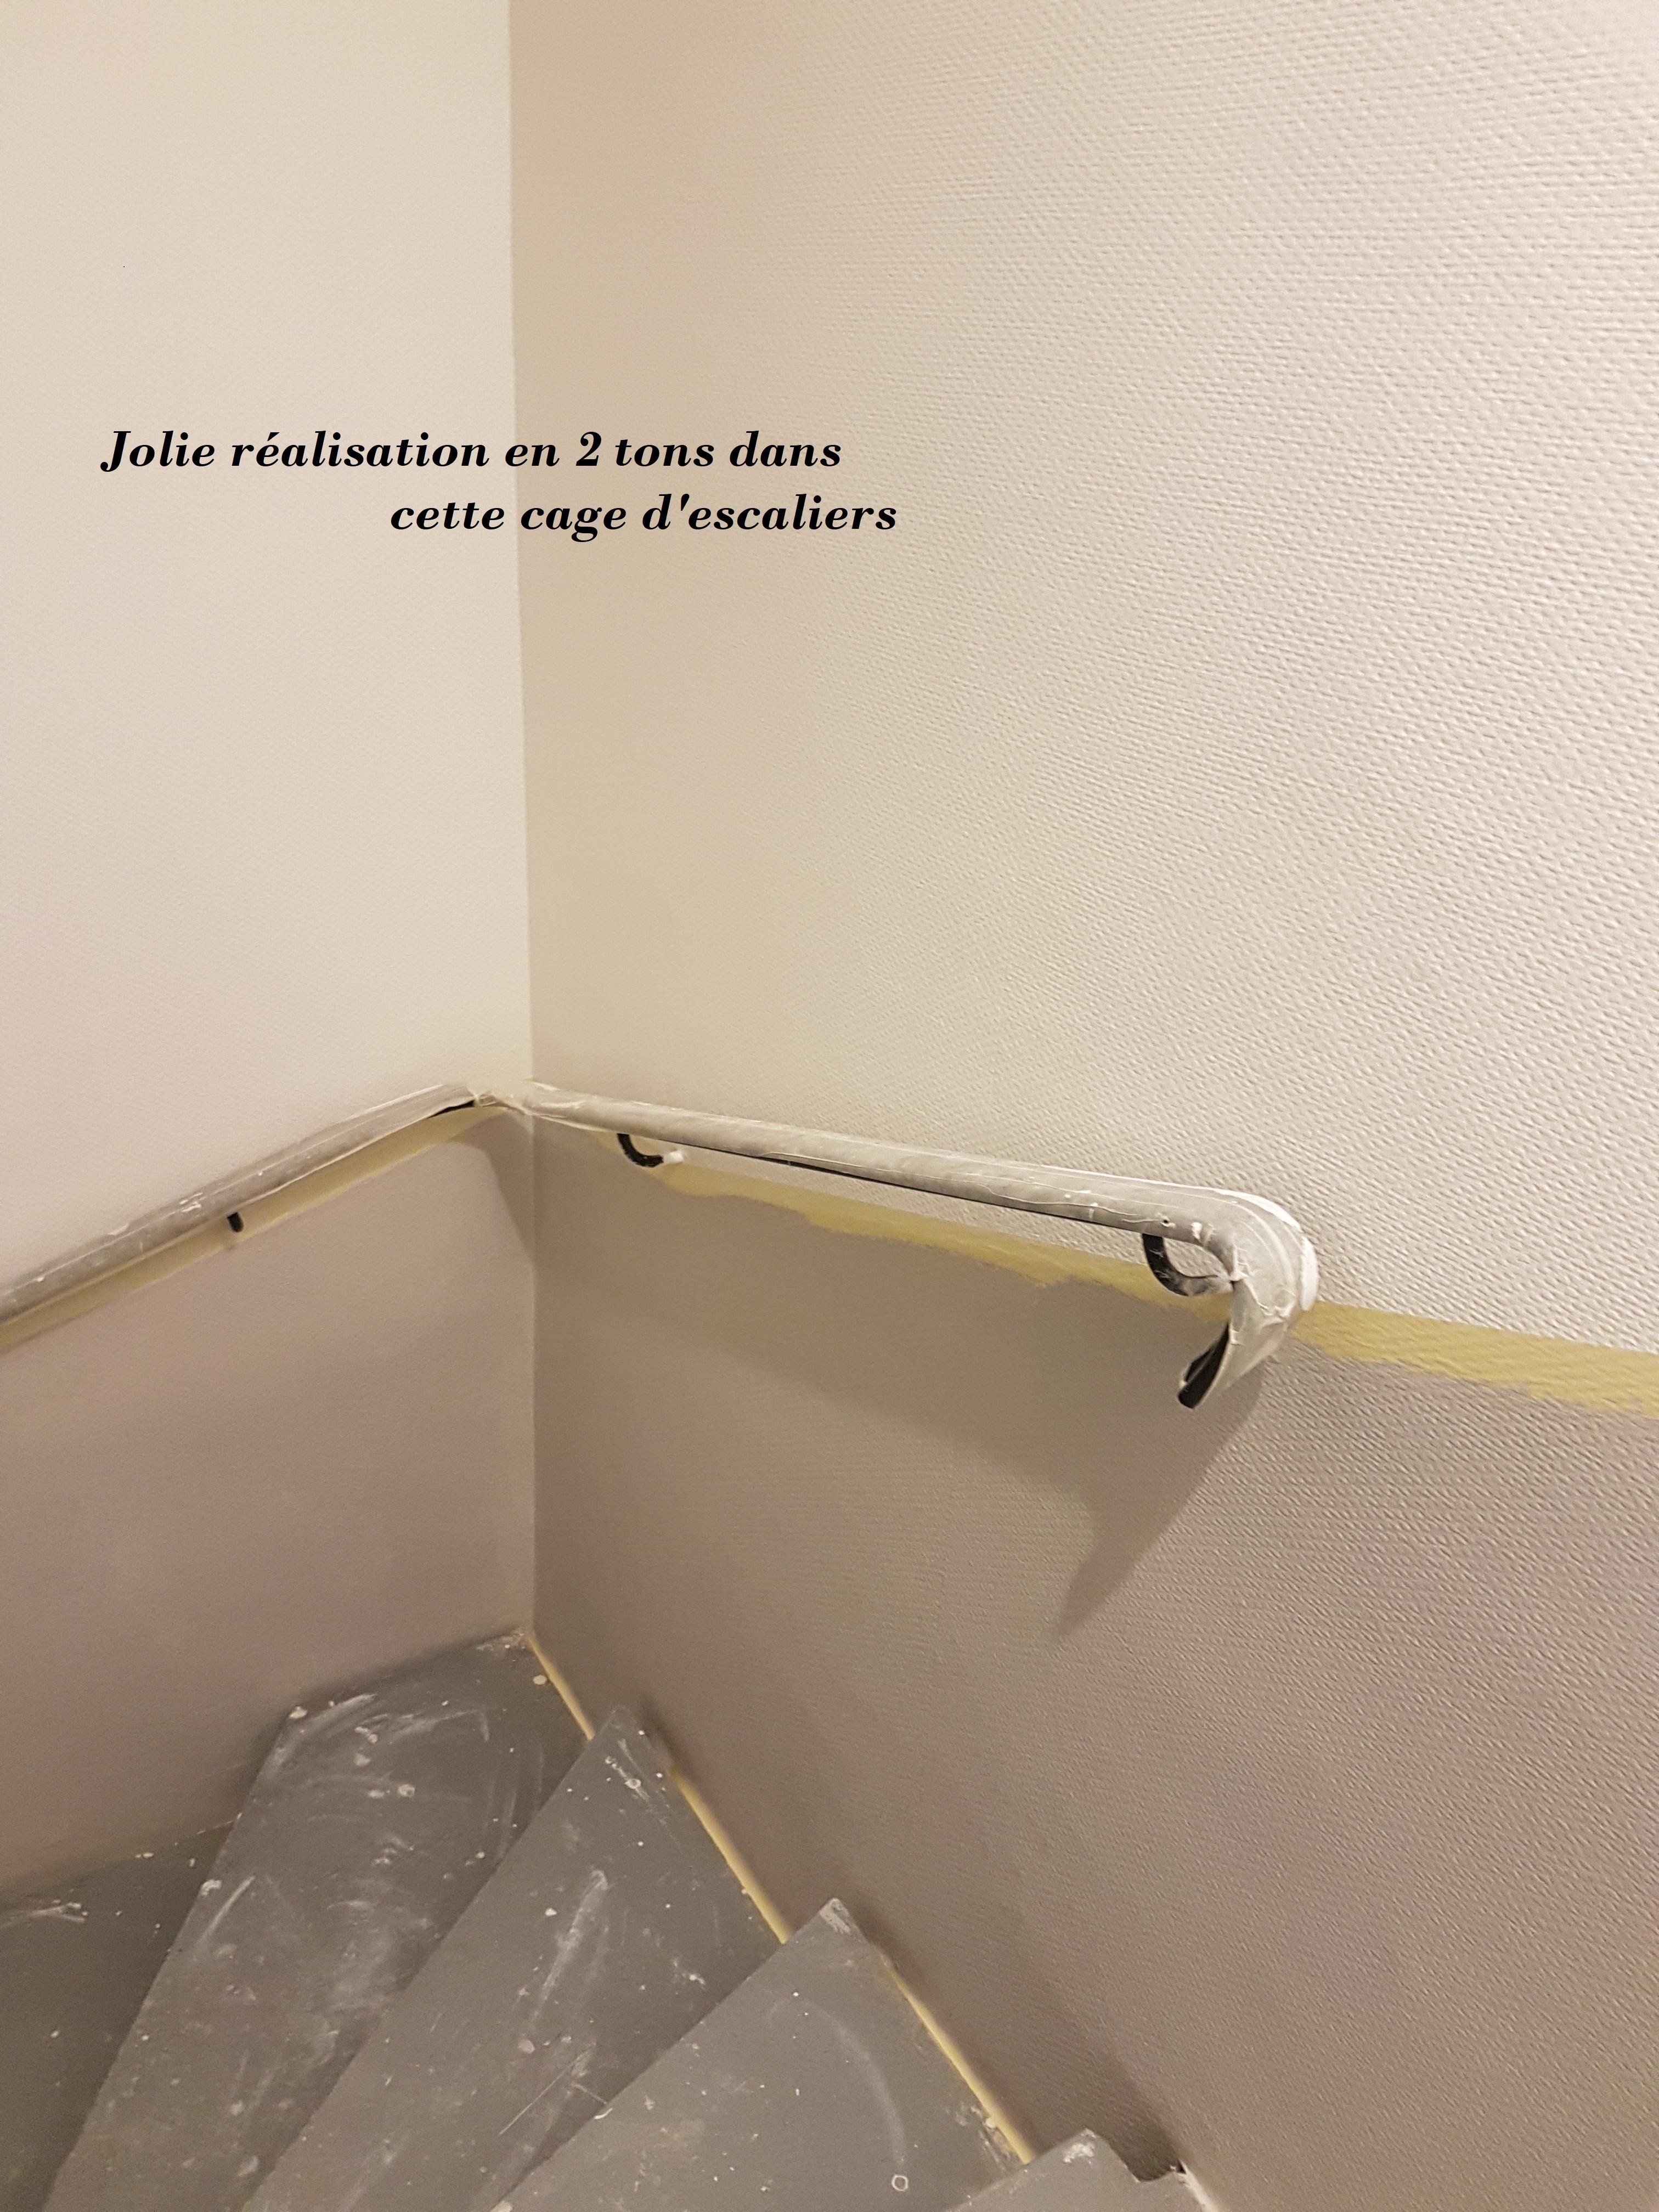 Peindre Une Cage D Escalier En 2 Couleurs entreprise de peinture - sepia